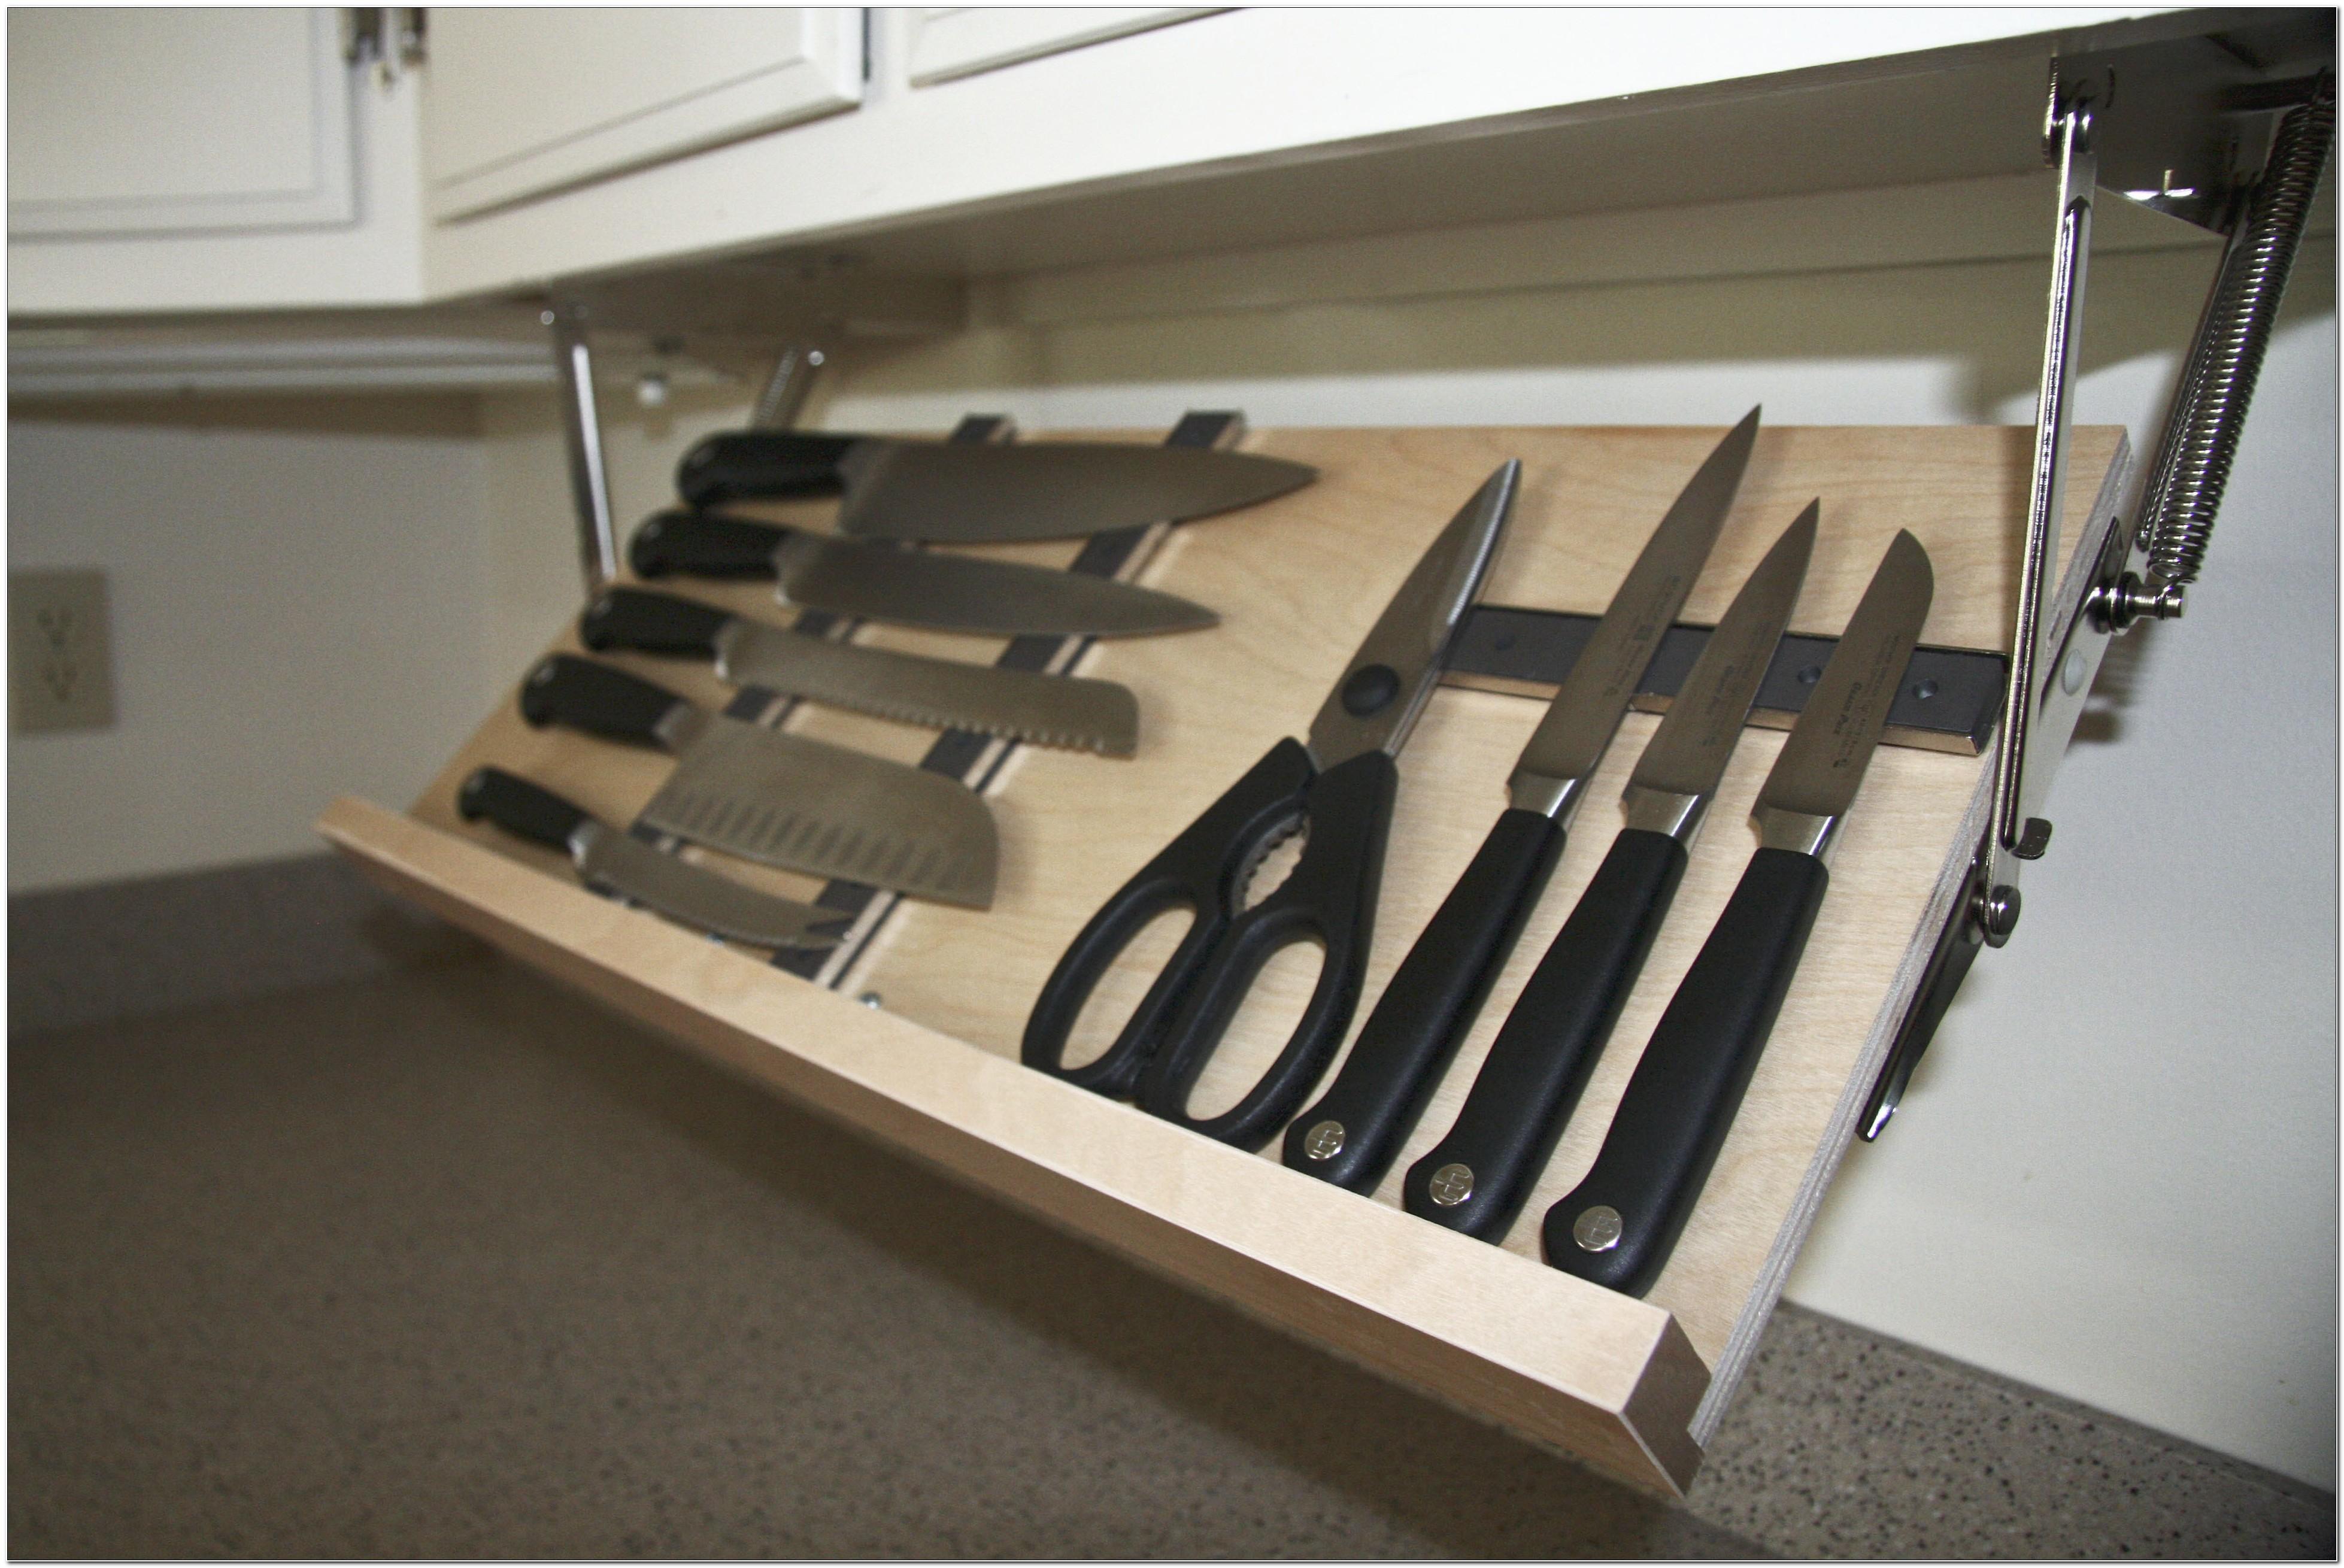 Diy Under Cabinet Knife Holder